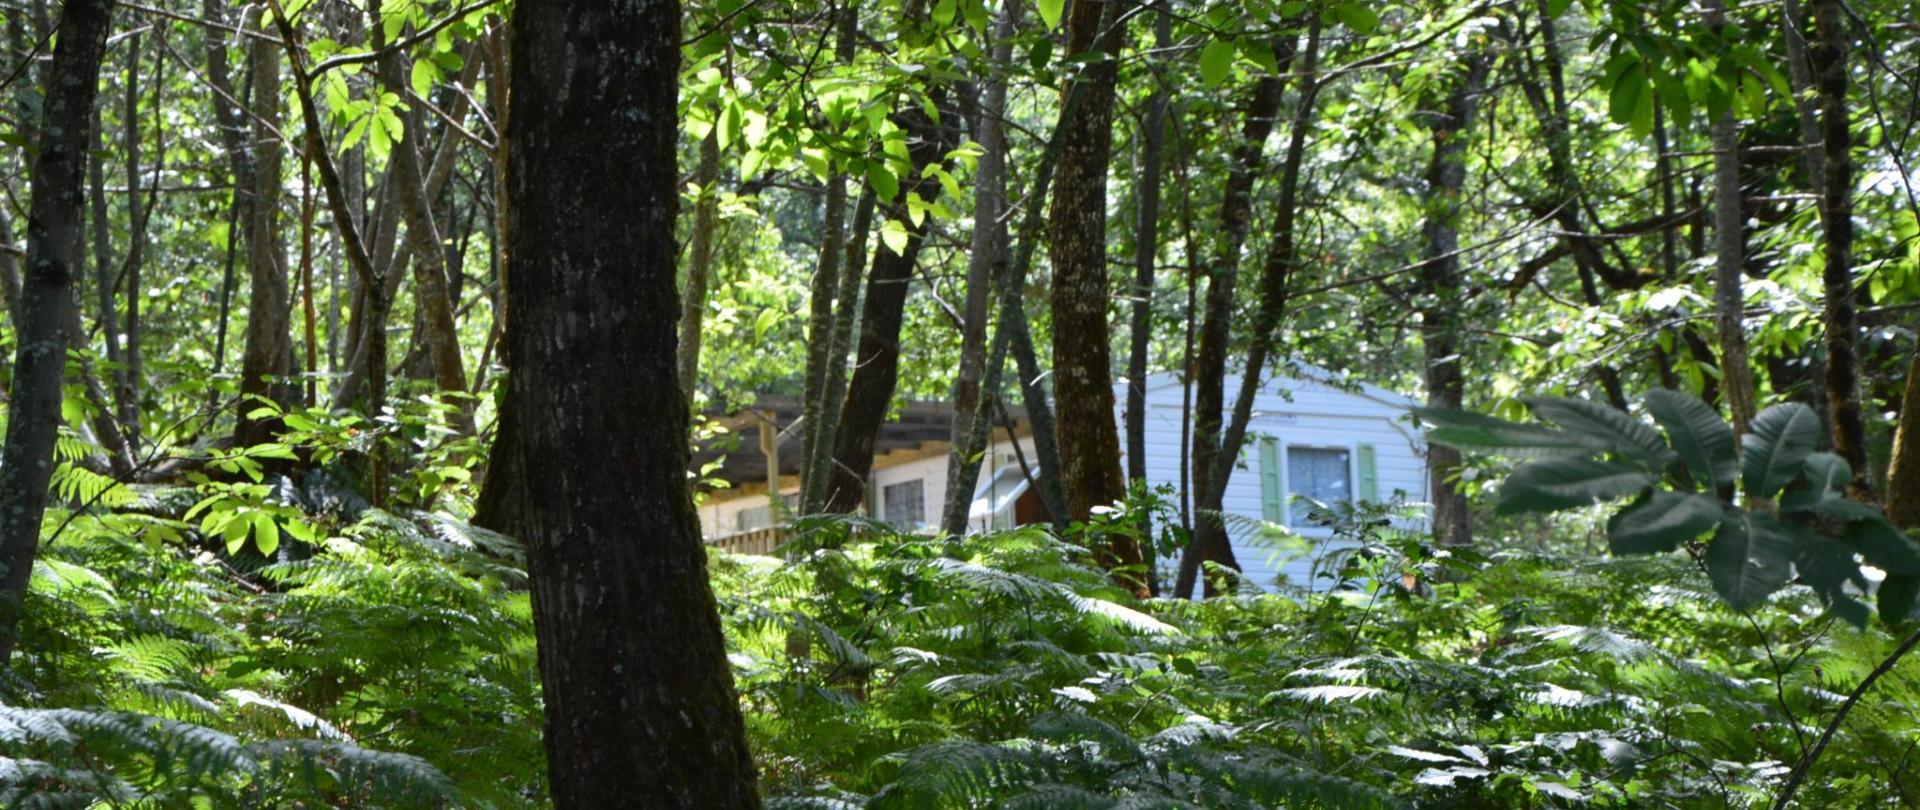 Camping Etang Vallier